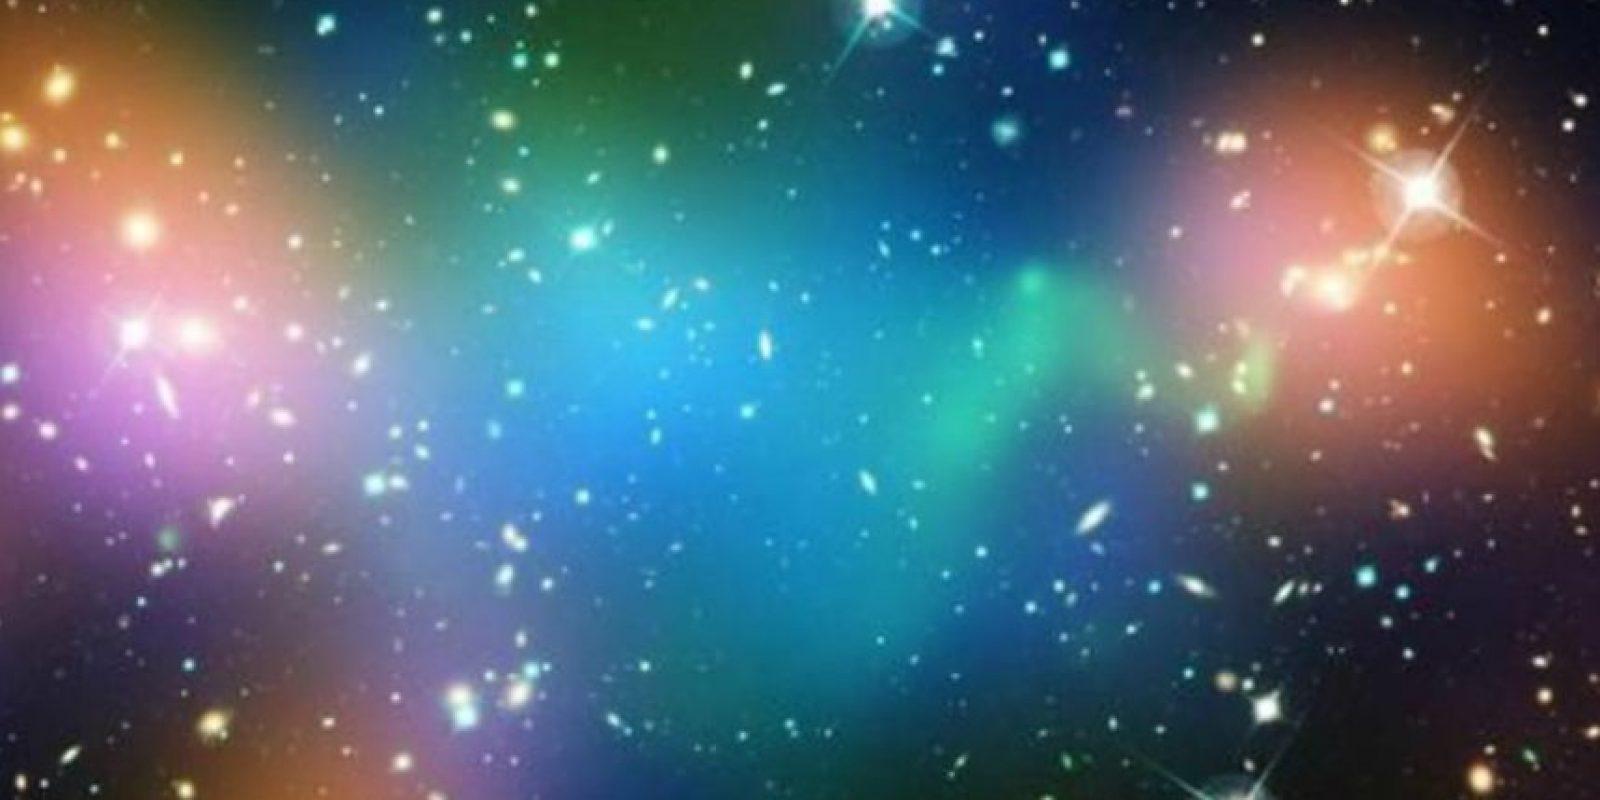 El Hubble ha permitido a los astrónomos realizar una gran suma de importantes descubrimientos. Foto:hubblesite.org/gallery. Imagen Por: